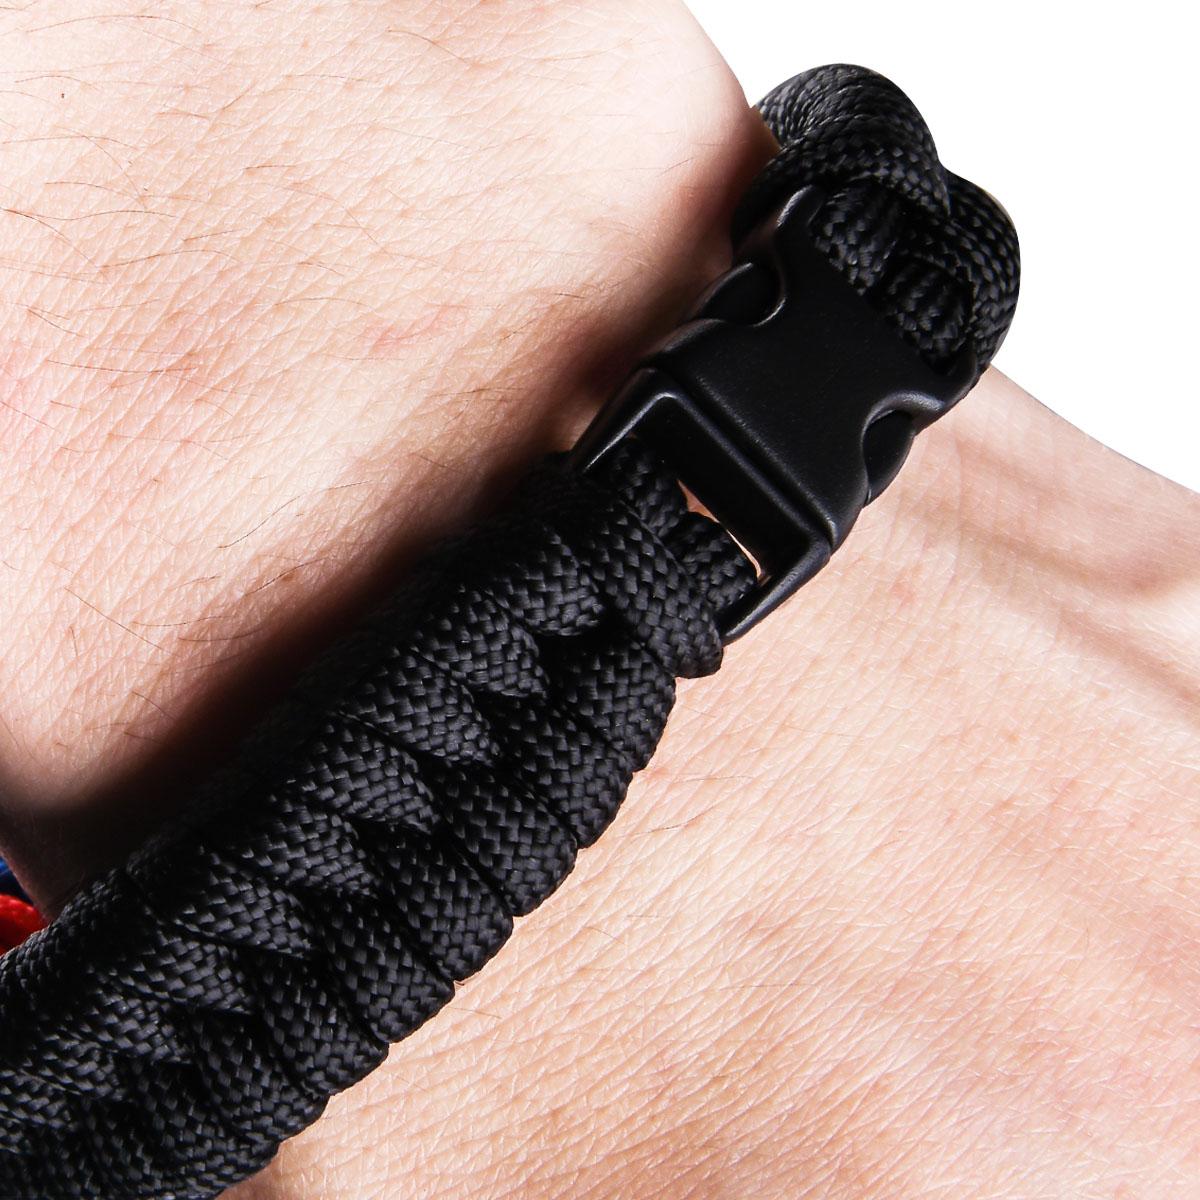 Мужской браслет из шнура на запястье